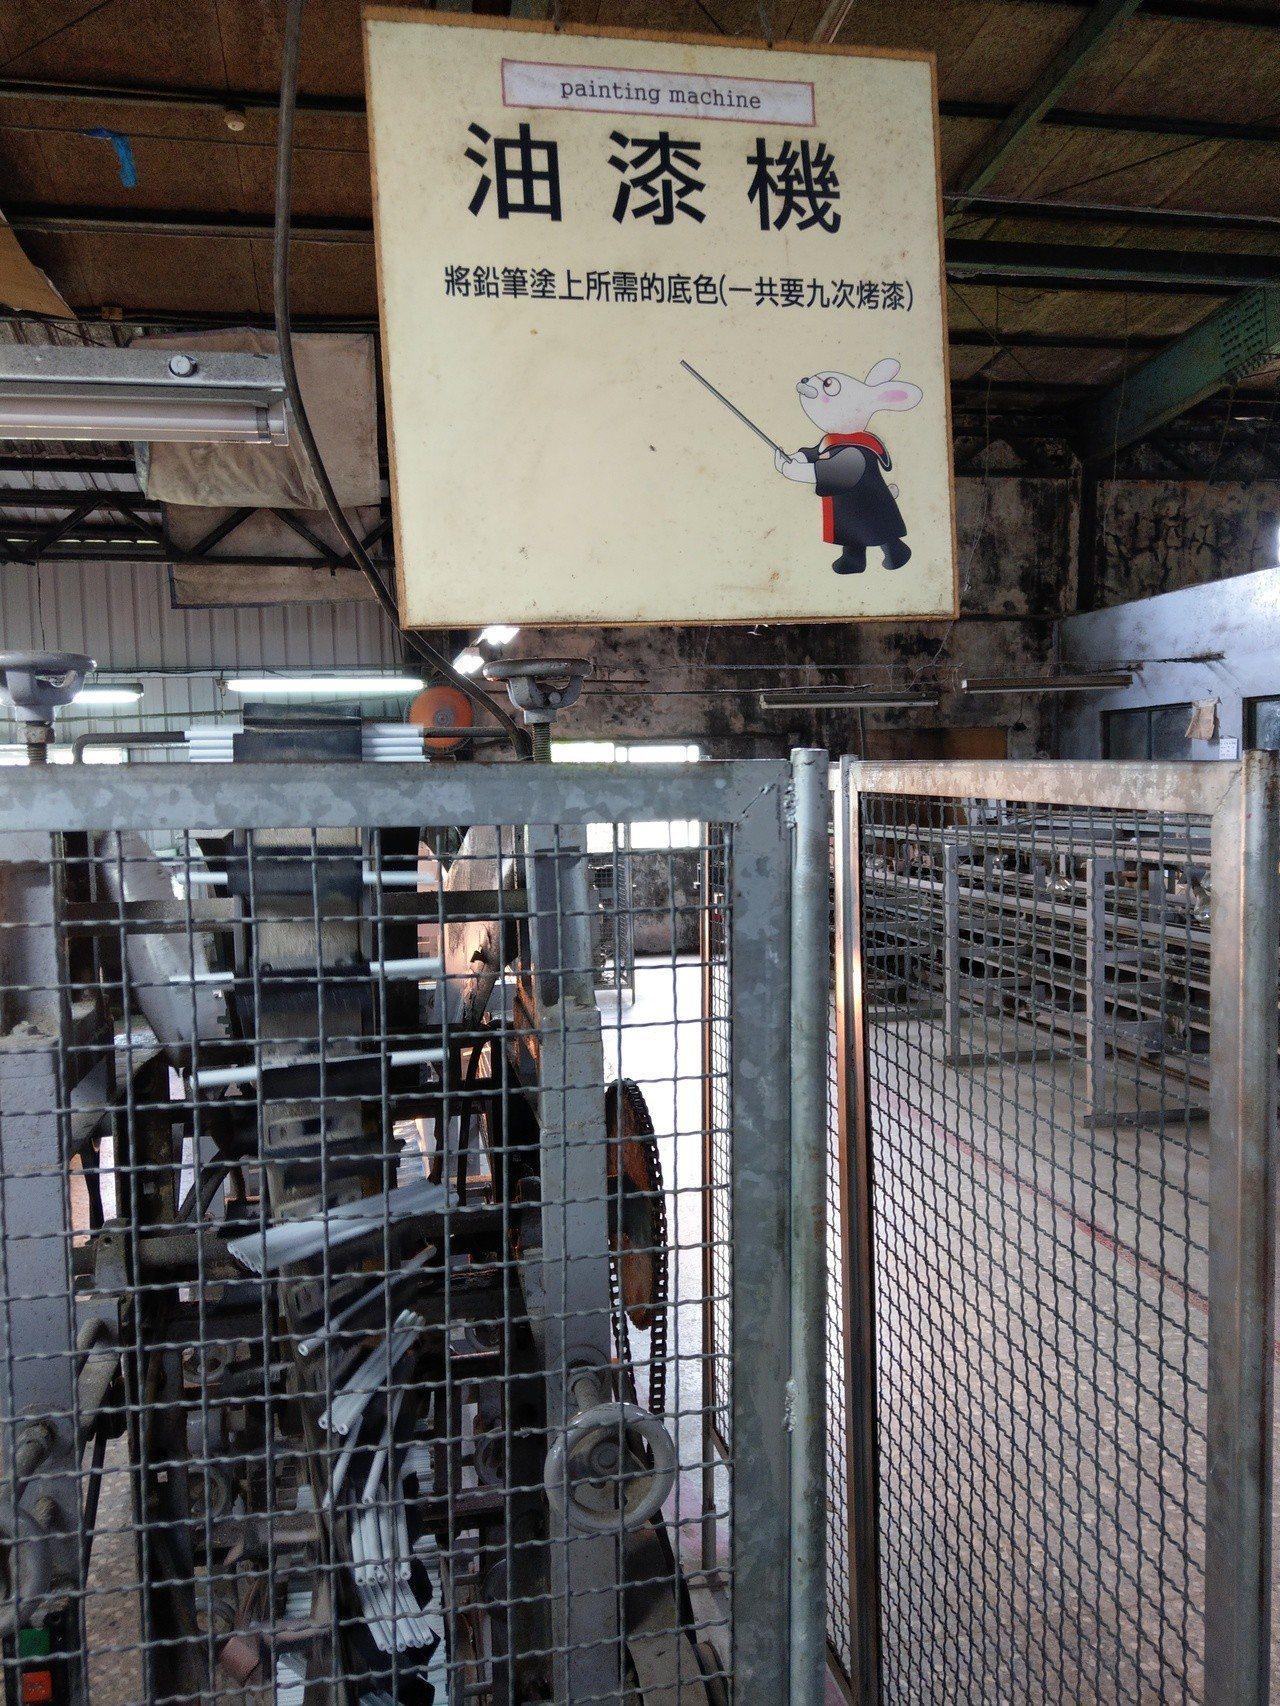 宜蘭「玉兔鉛筆學校」是家老字號的觀光工廠,獨一無二的鉛筆生產製程開放參觀,每枝鉛...